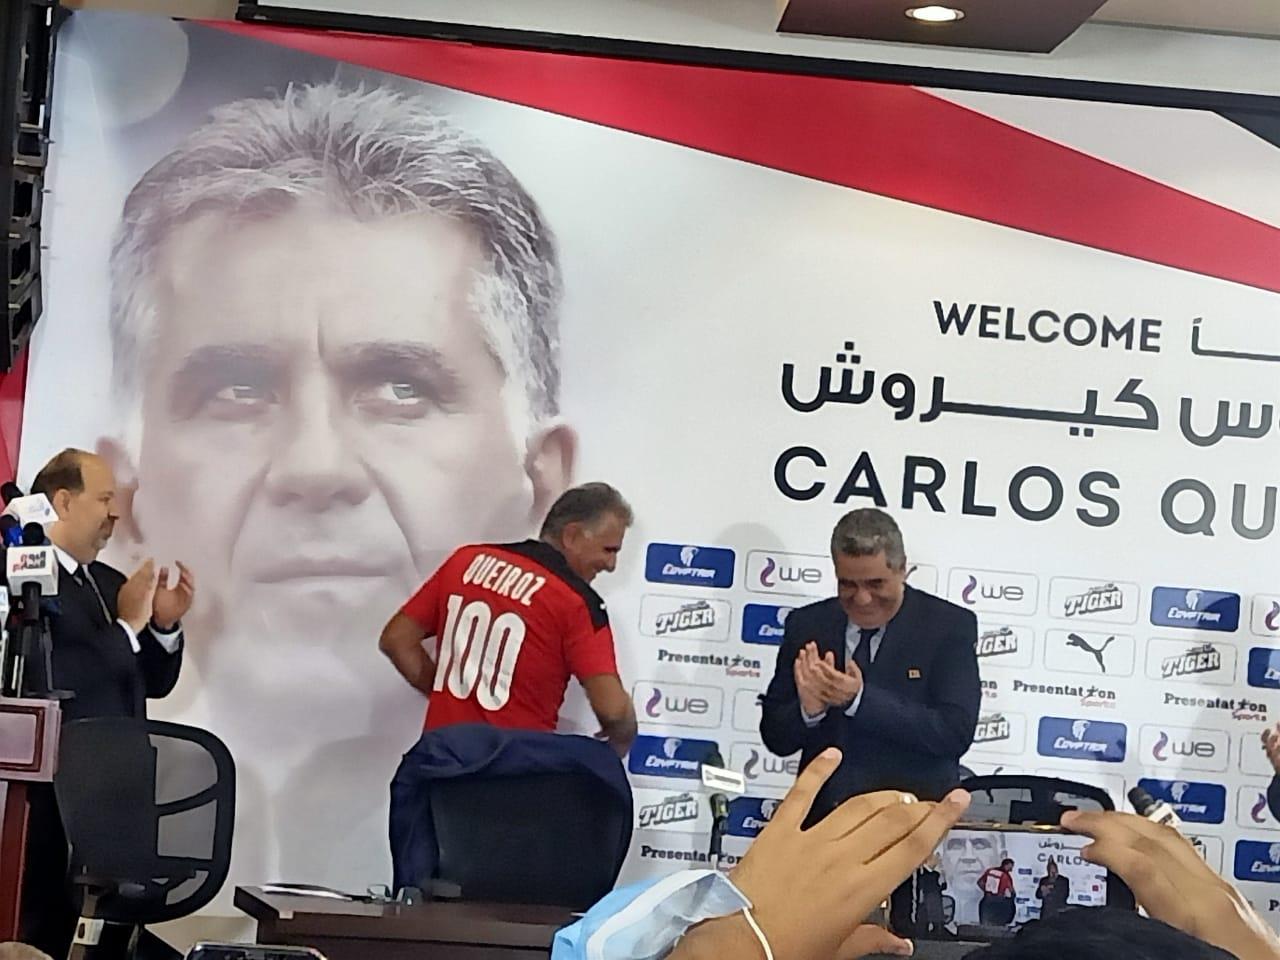 اتحاد الكرة يقدم البرتغالي كارلوس كيروش بقميص منتخب مصر